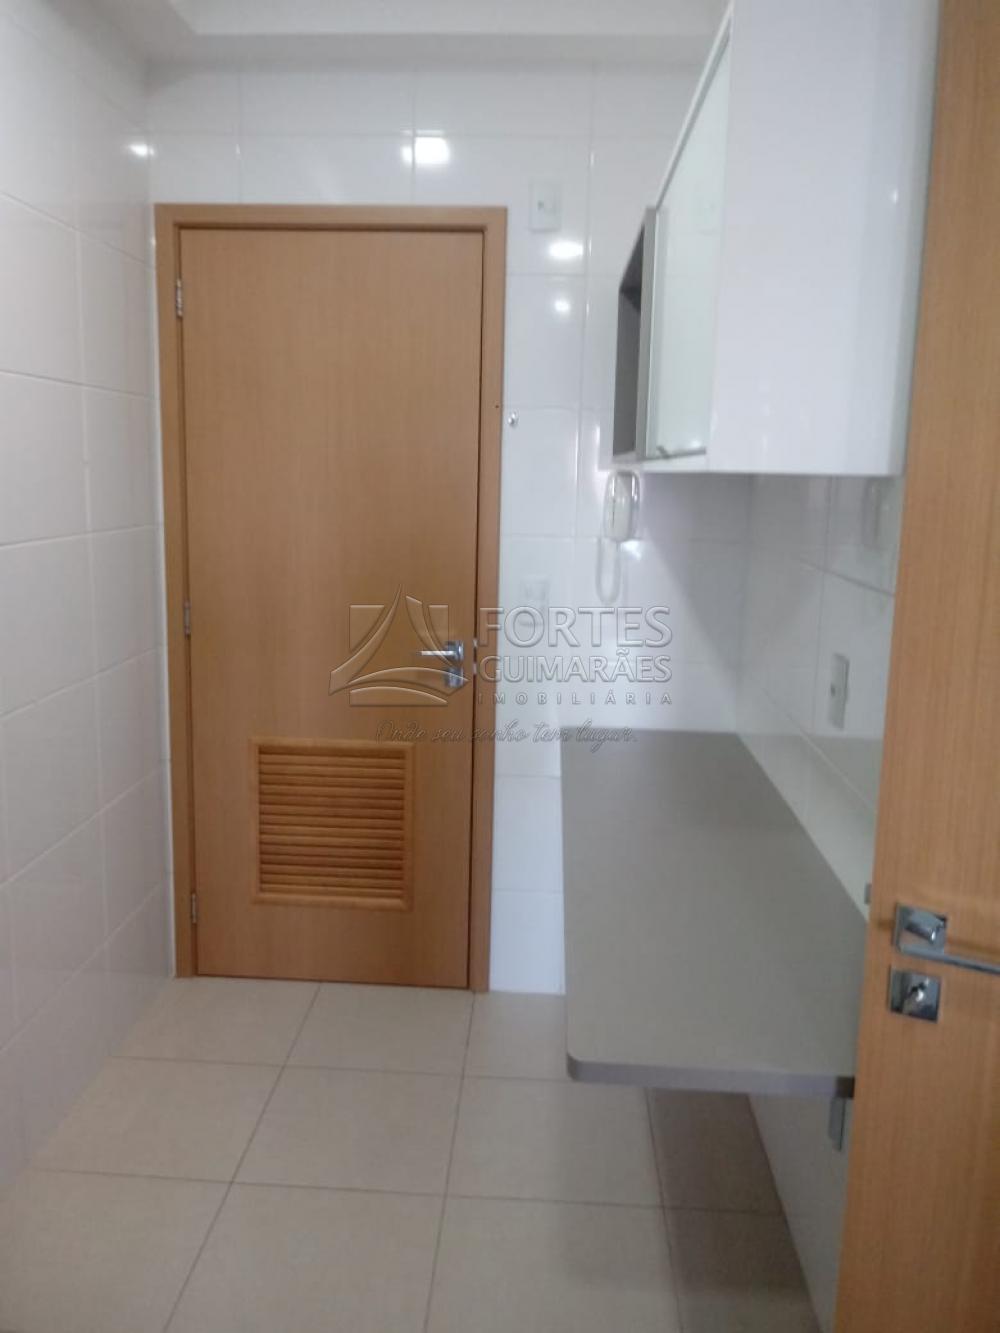 Alugar Apartamentos / Padrão em Ribeirão Preto apenas R$ 3.200,00 - Foto 13